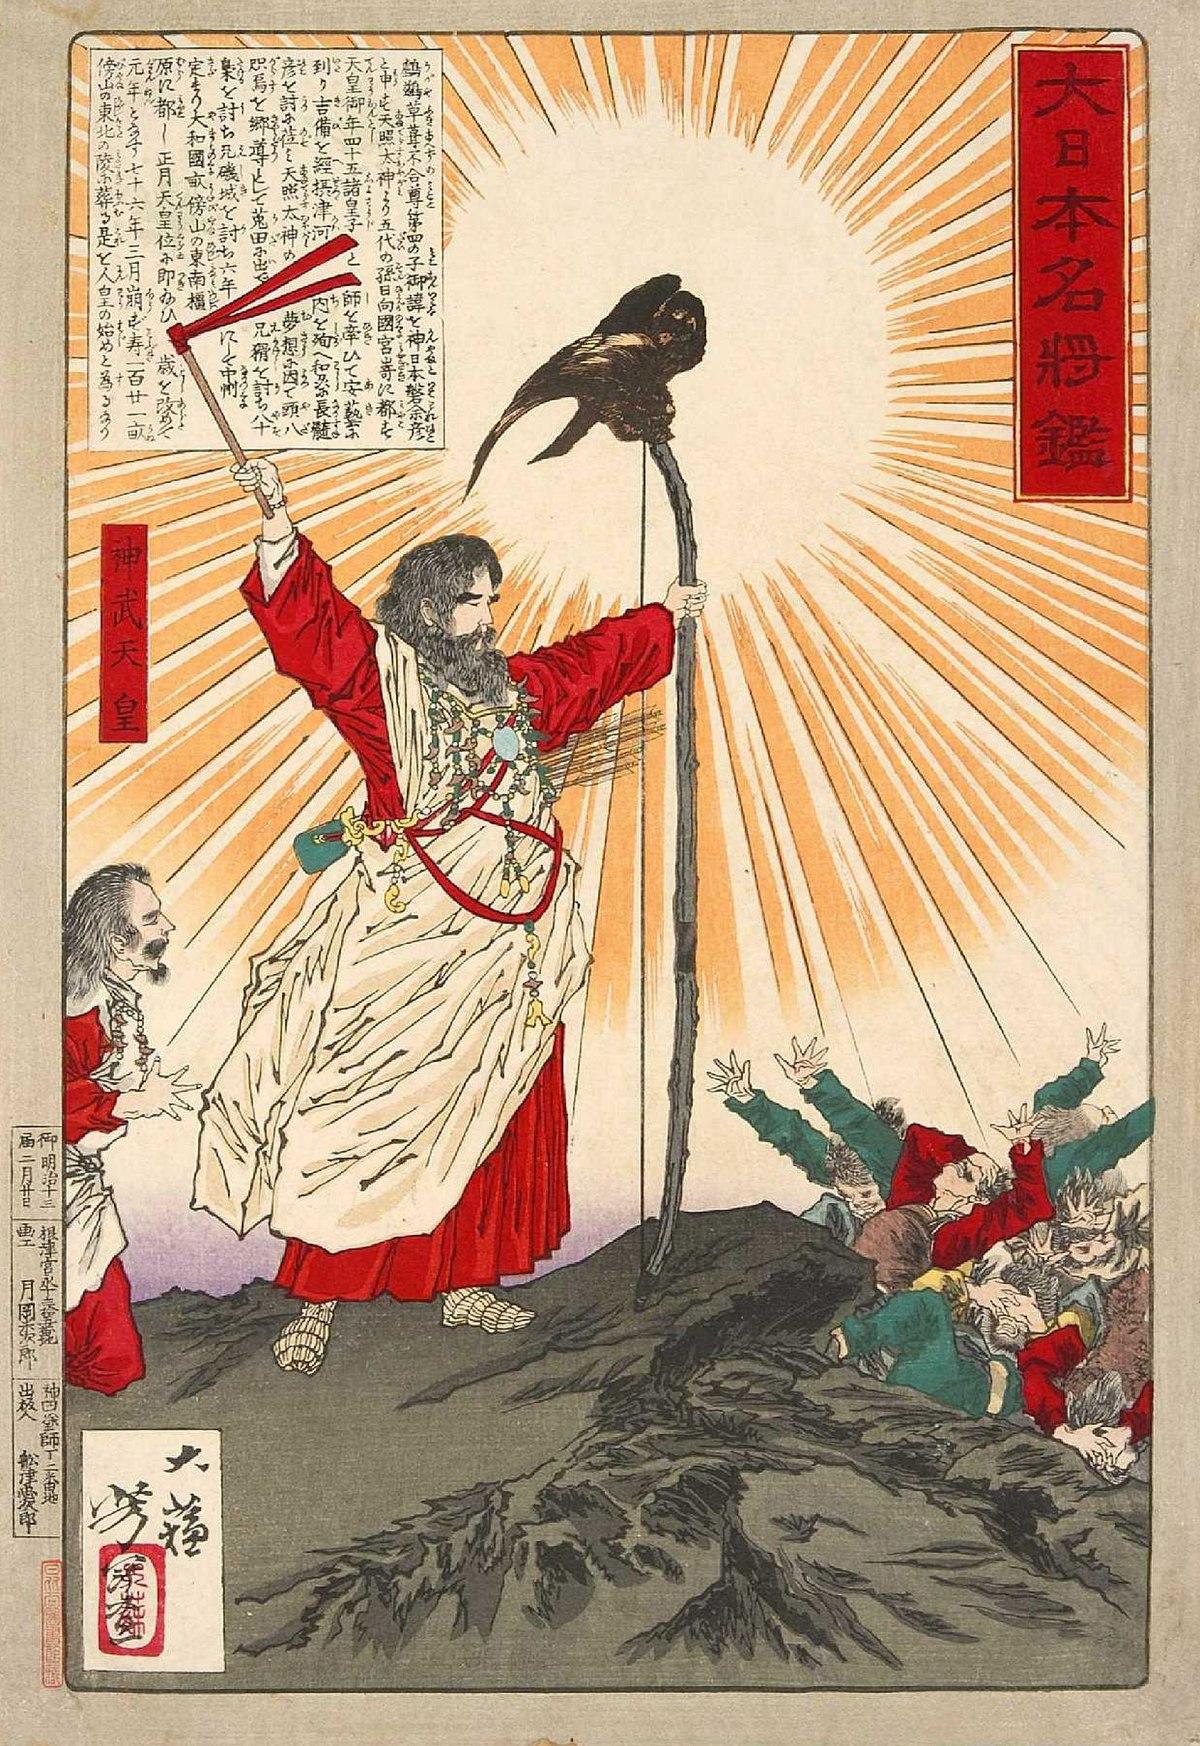 Sejarah Singkat Kaisar Jimmu, Kaisar Jepang Pertama Pewaris Amaterasu 1